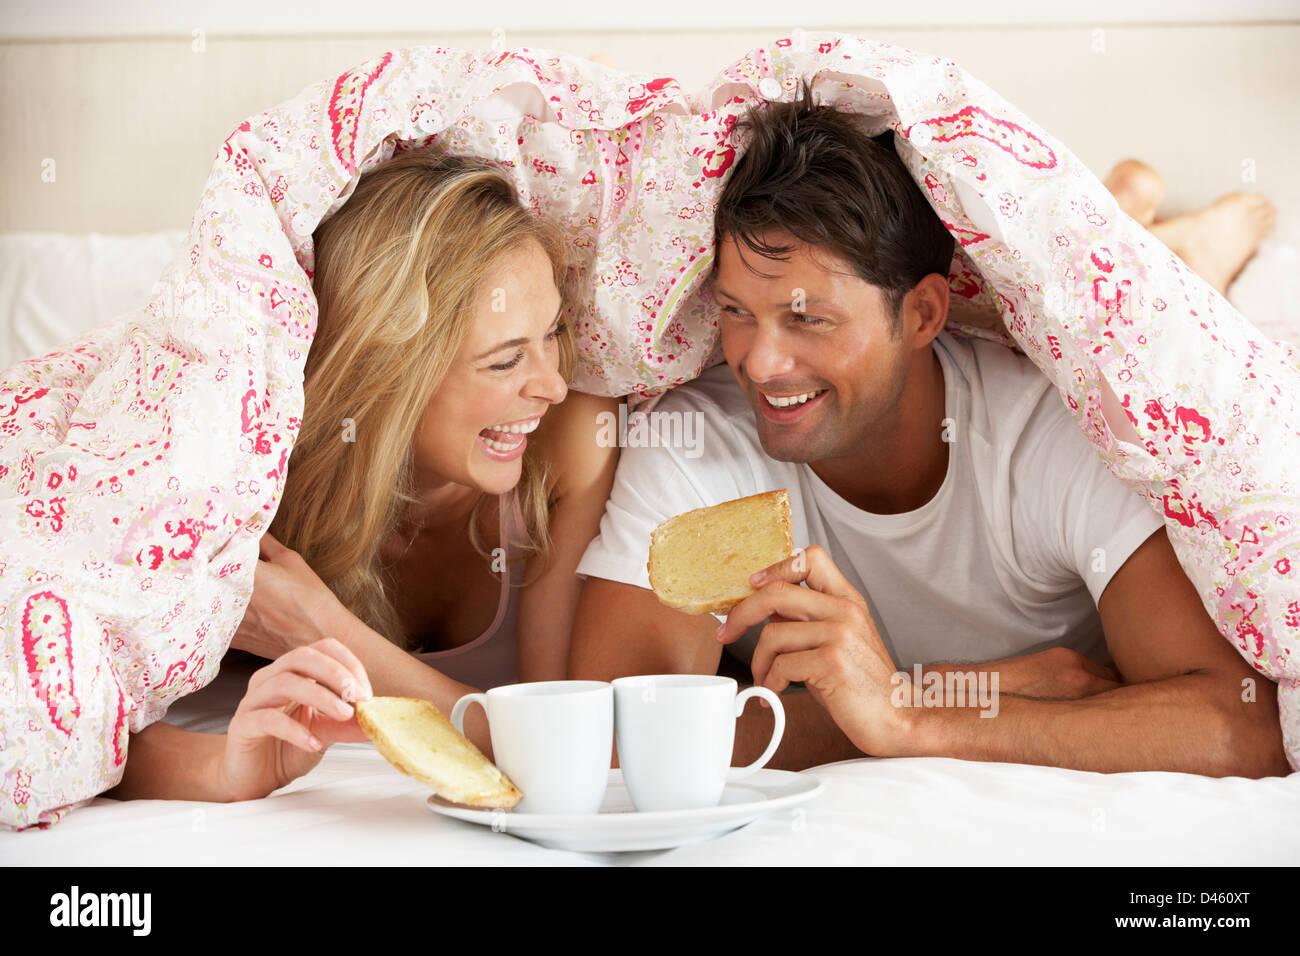 Paar kuschelte sich unter die Bettdecke zu frühstücken Stockbild